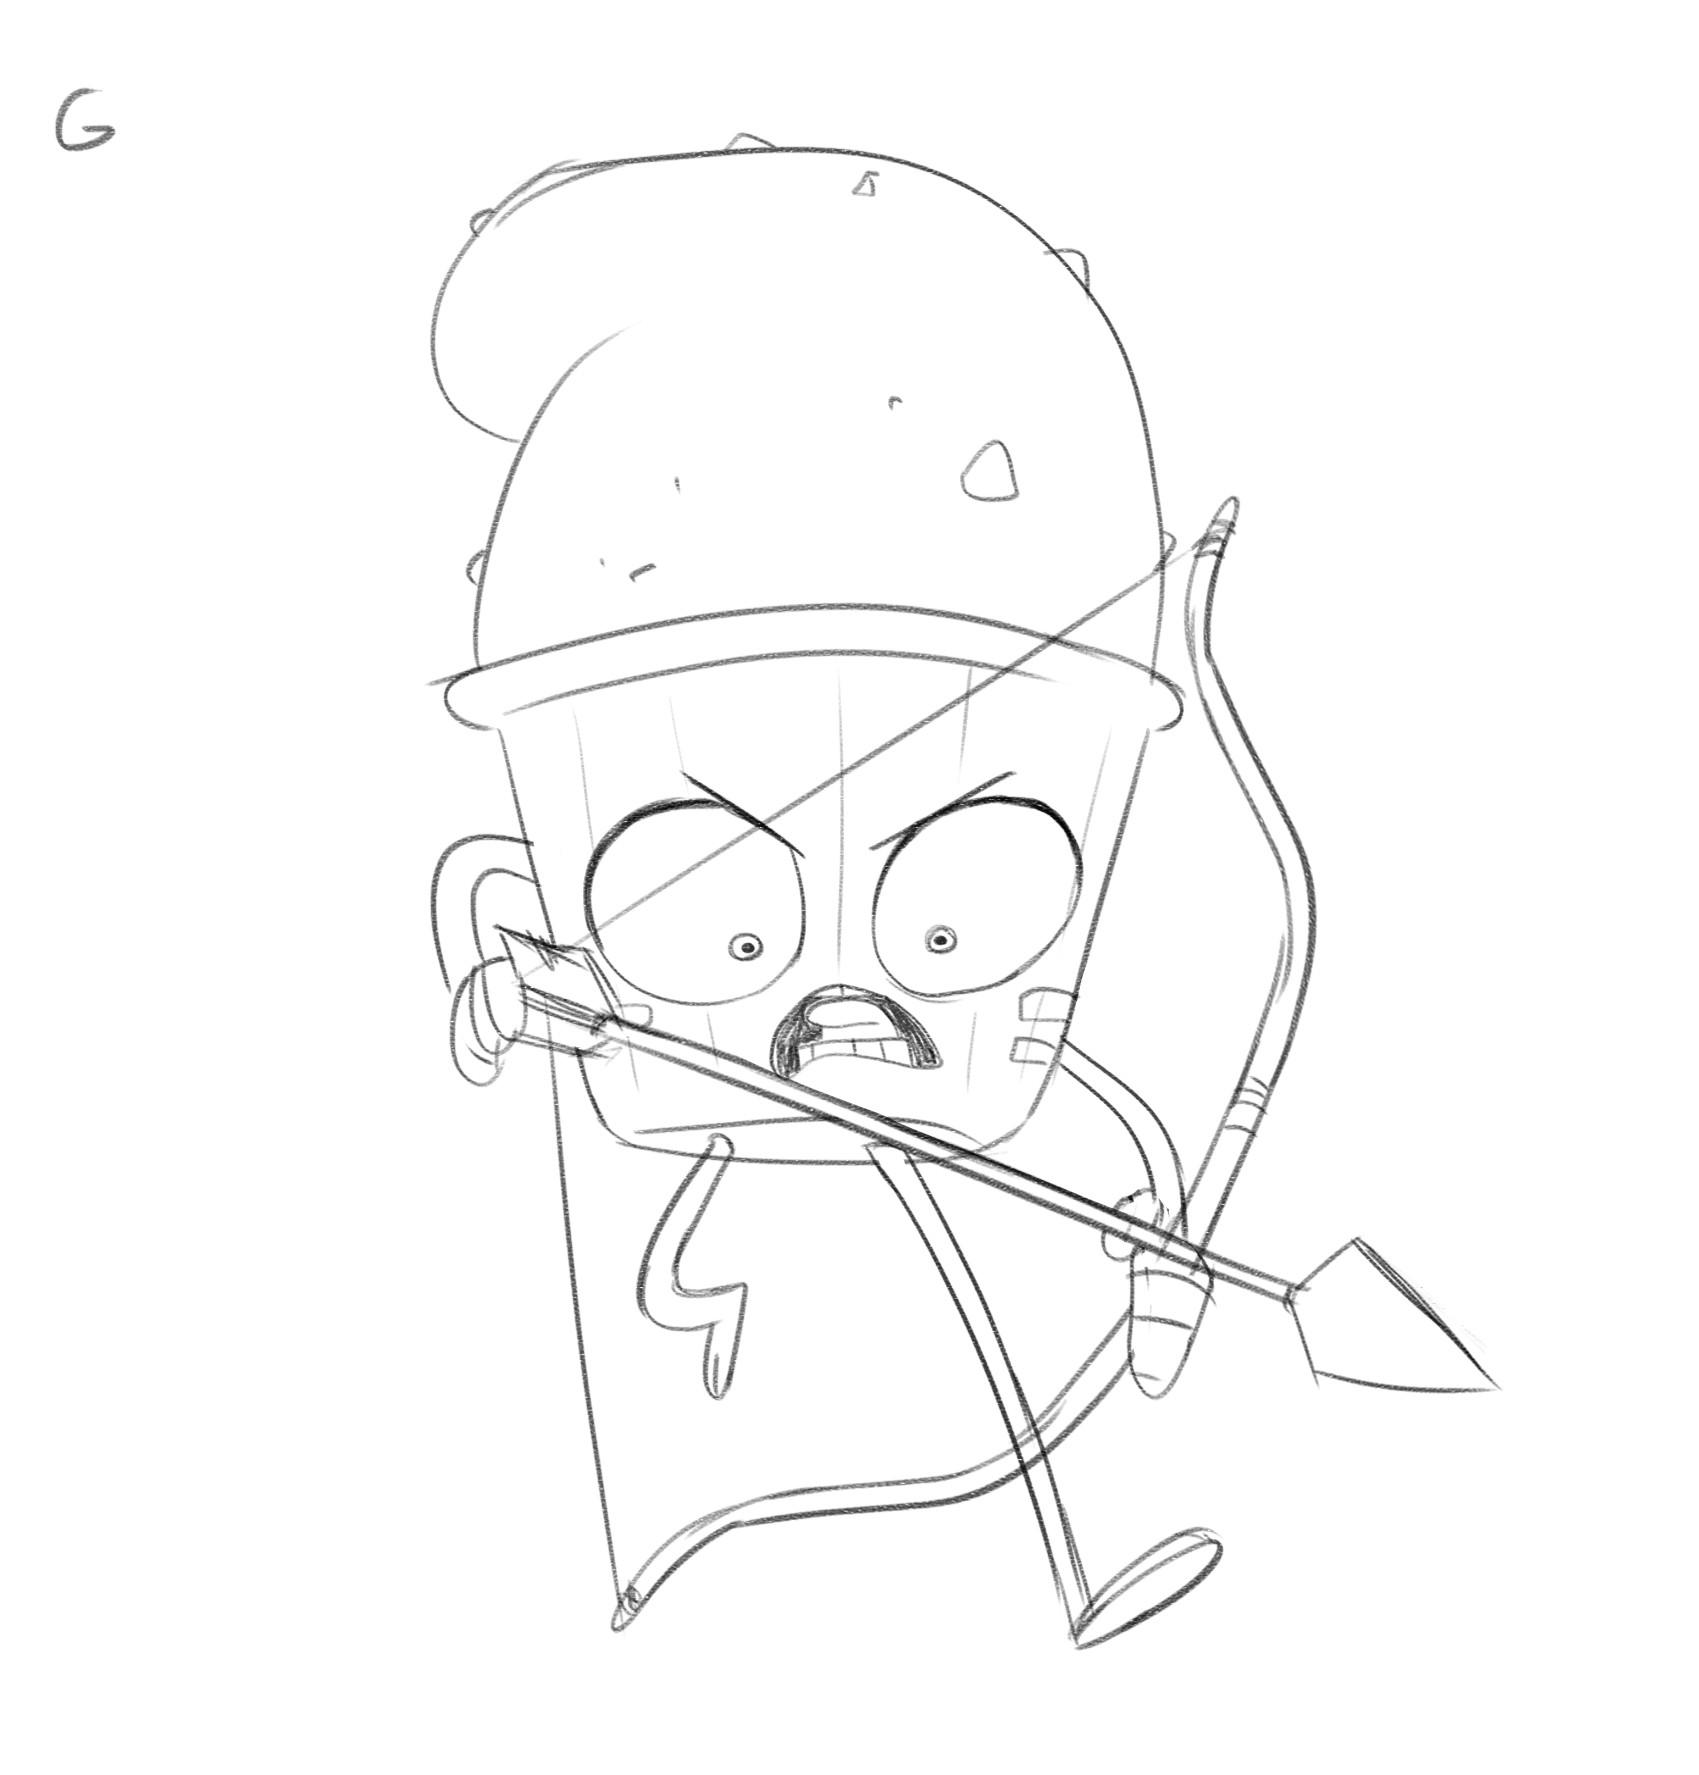 Rayner alencar g guacamole soldier archer